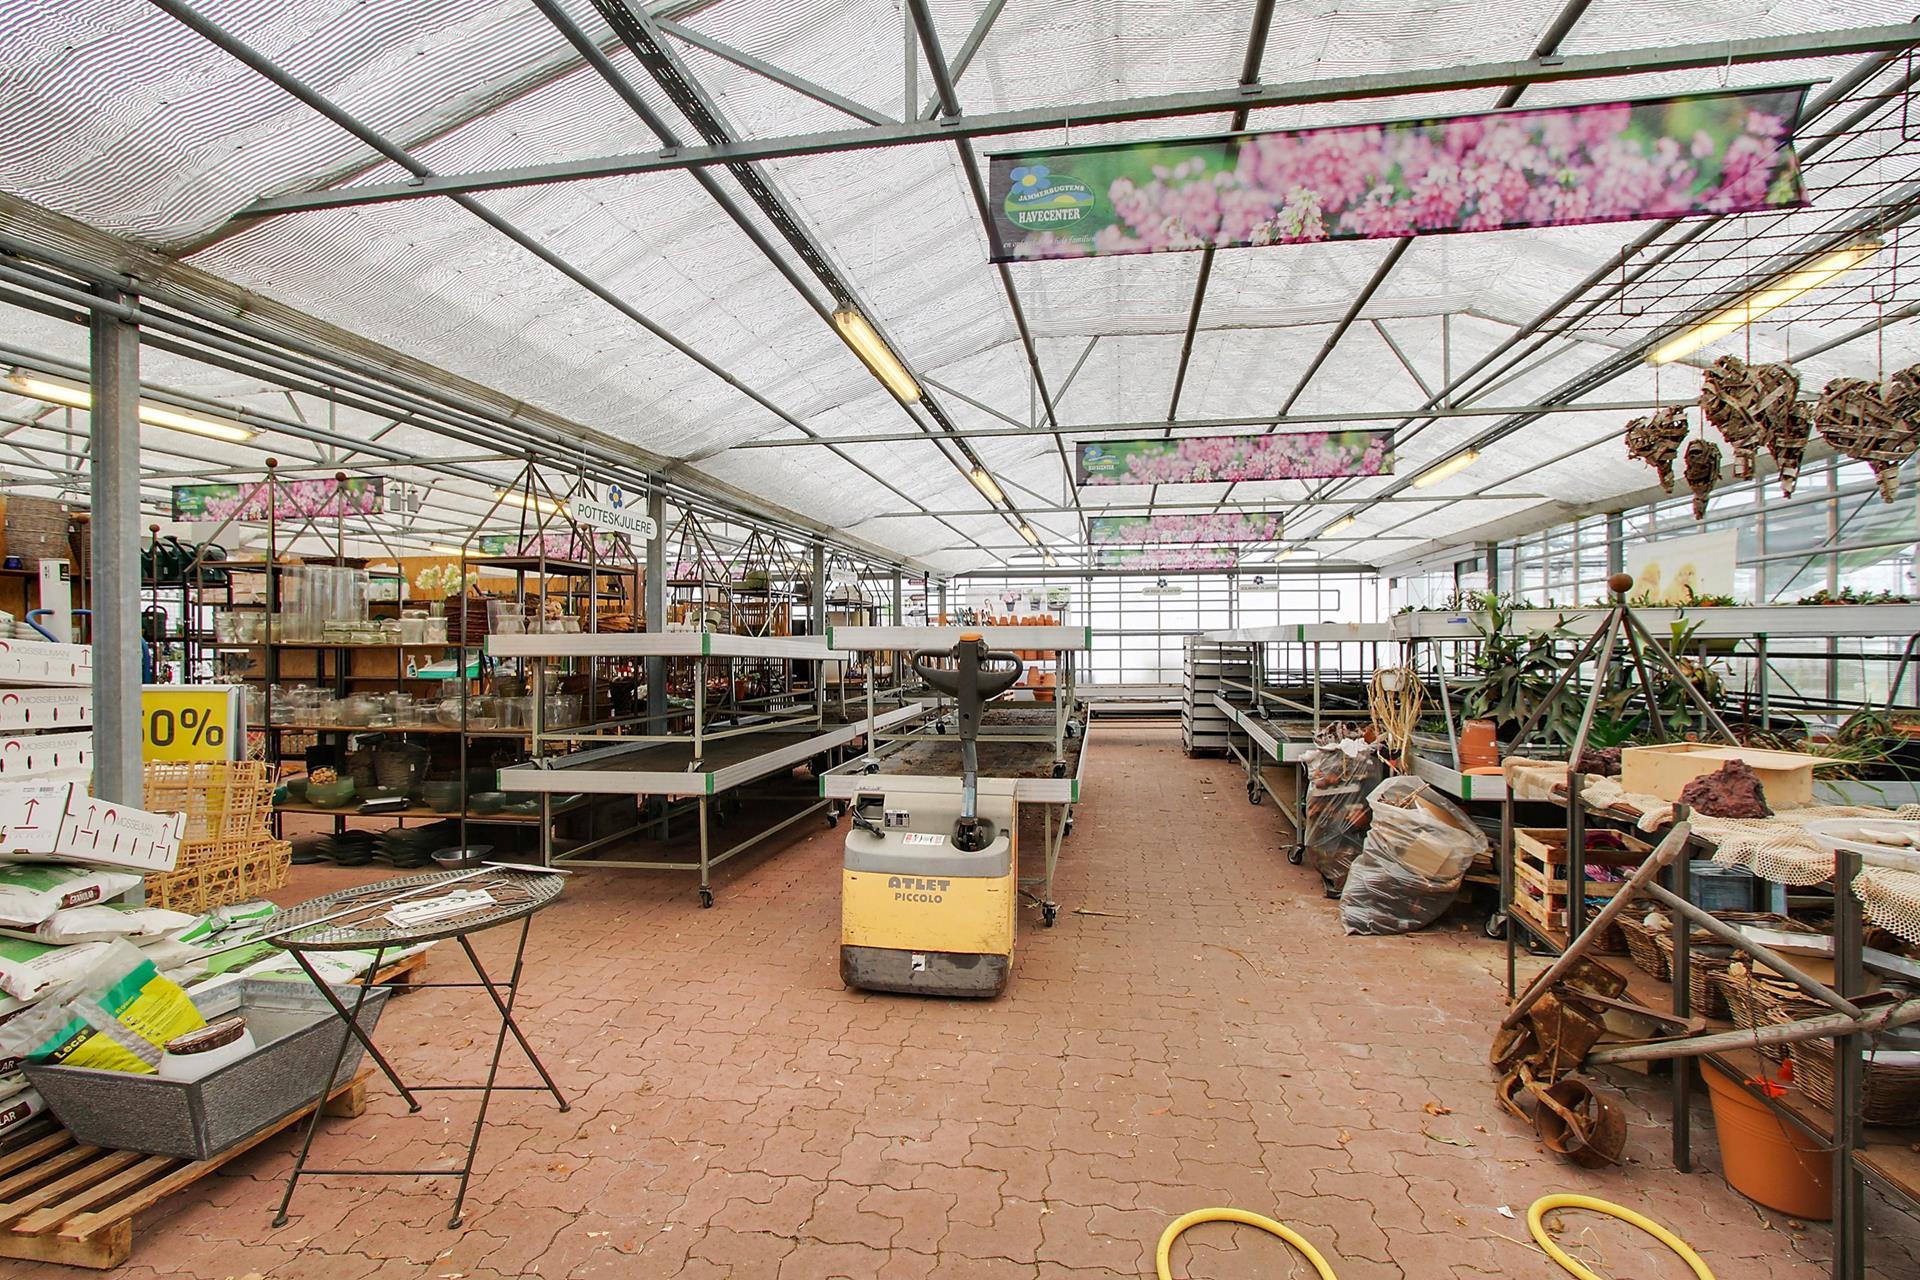 Bolig/erhverv på Aggersundvej i Fjerritslev - Udestue